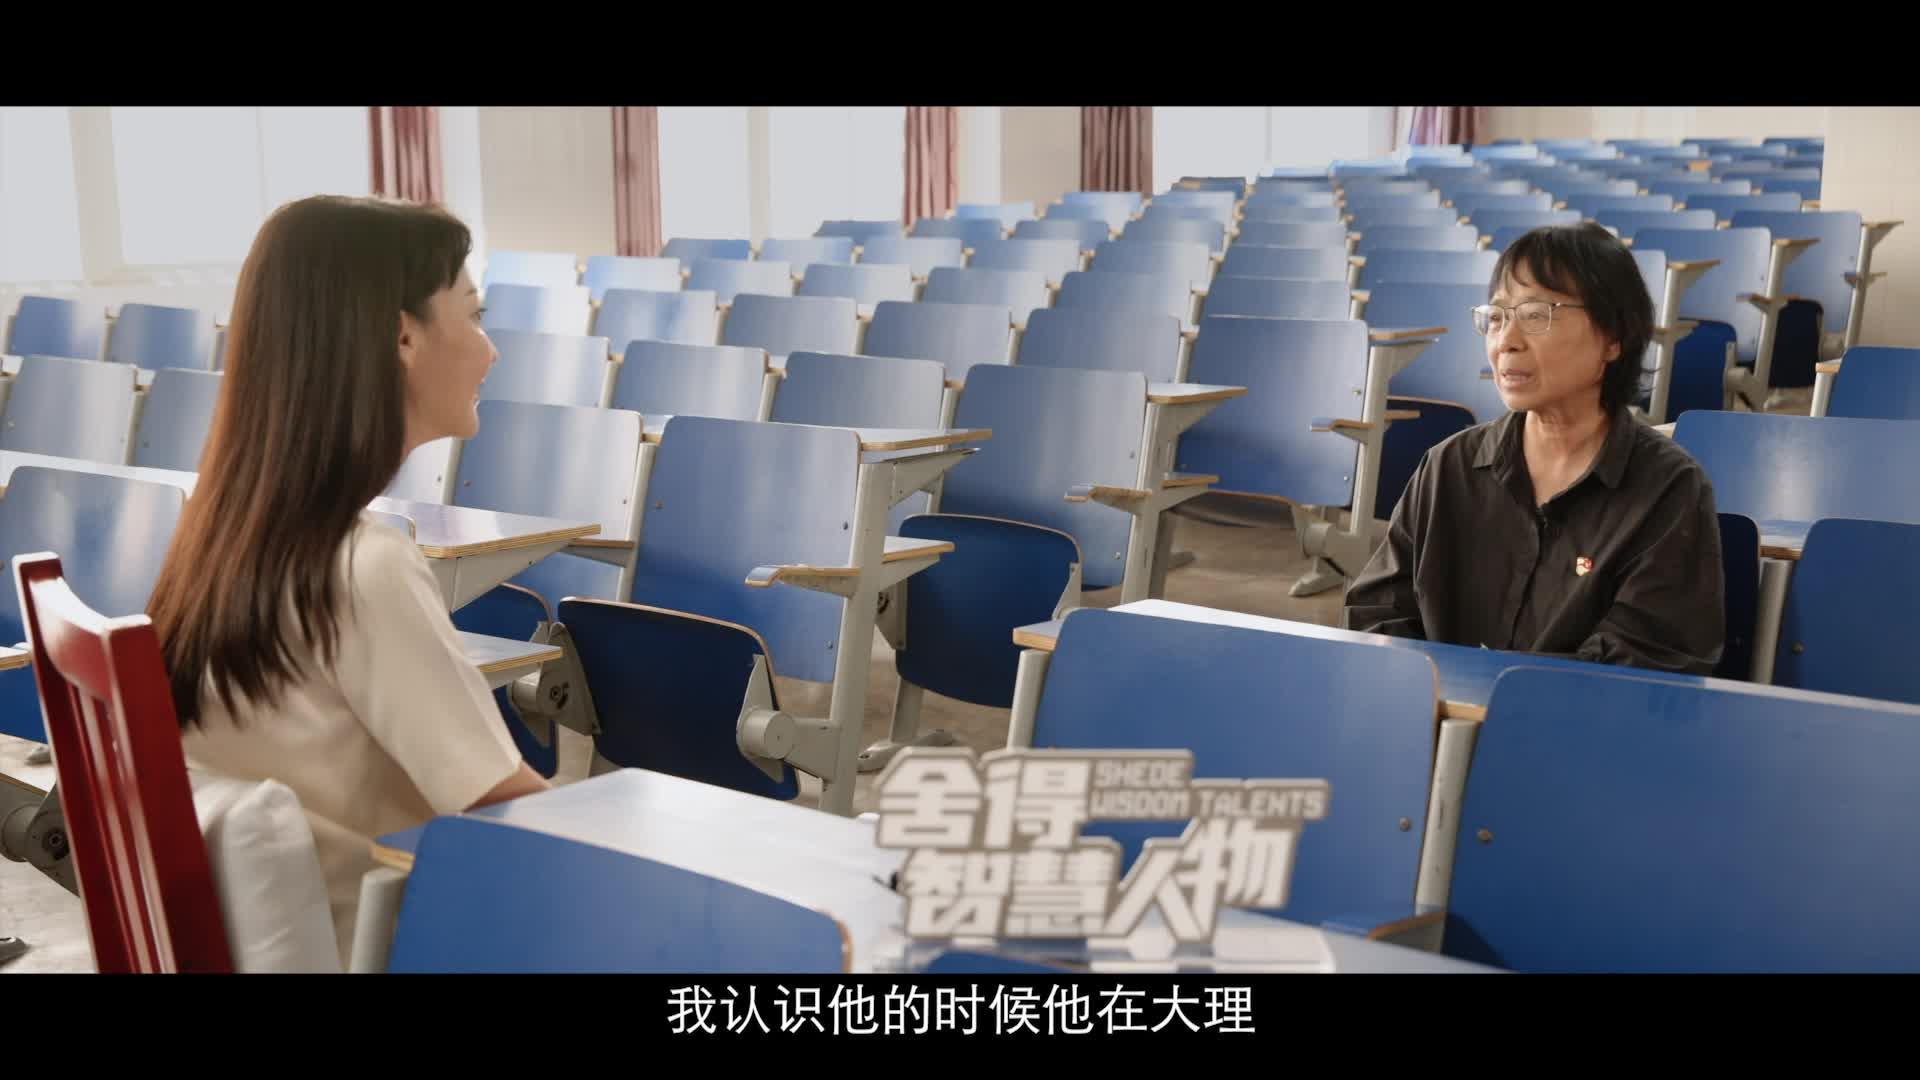 张桂梅:我年轻有家时爱打扮 也爱去舞厅